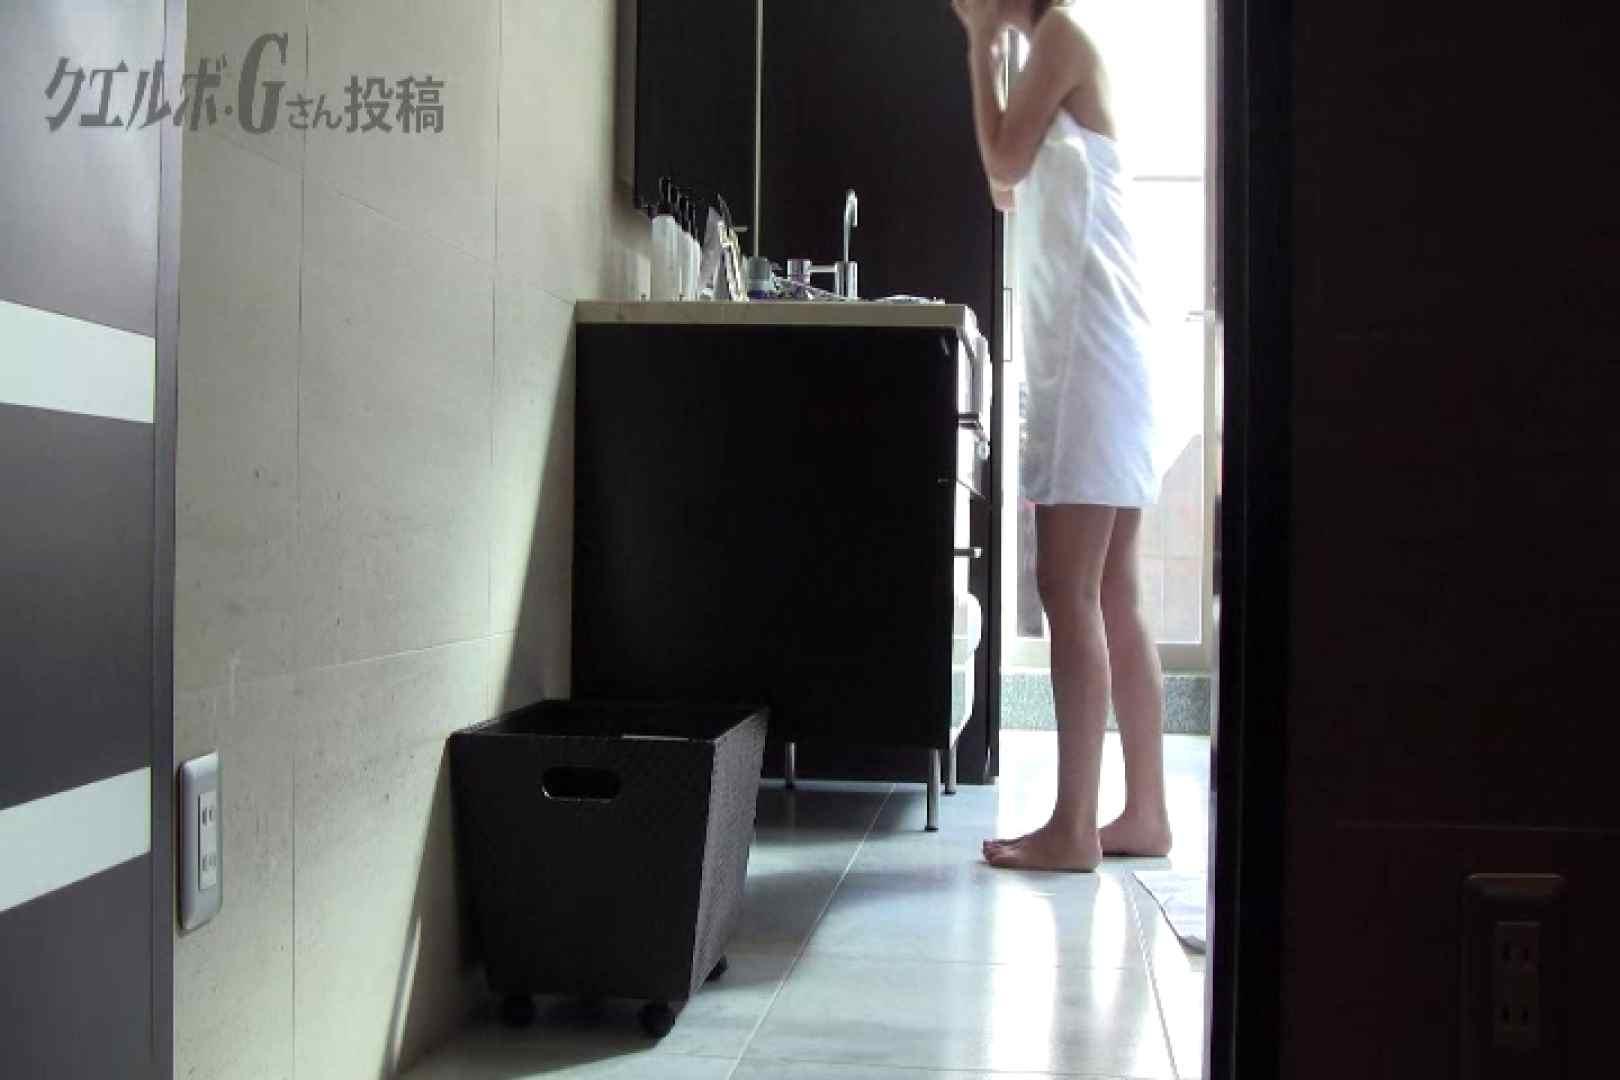 クエルボ・Gさん投稿 30歳人妻さんとの×××vol.4 一般投稿 オメコ動画キャプチャ 99pic 3